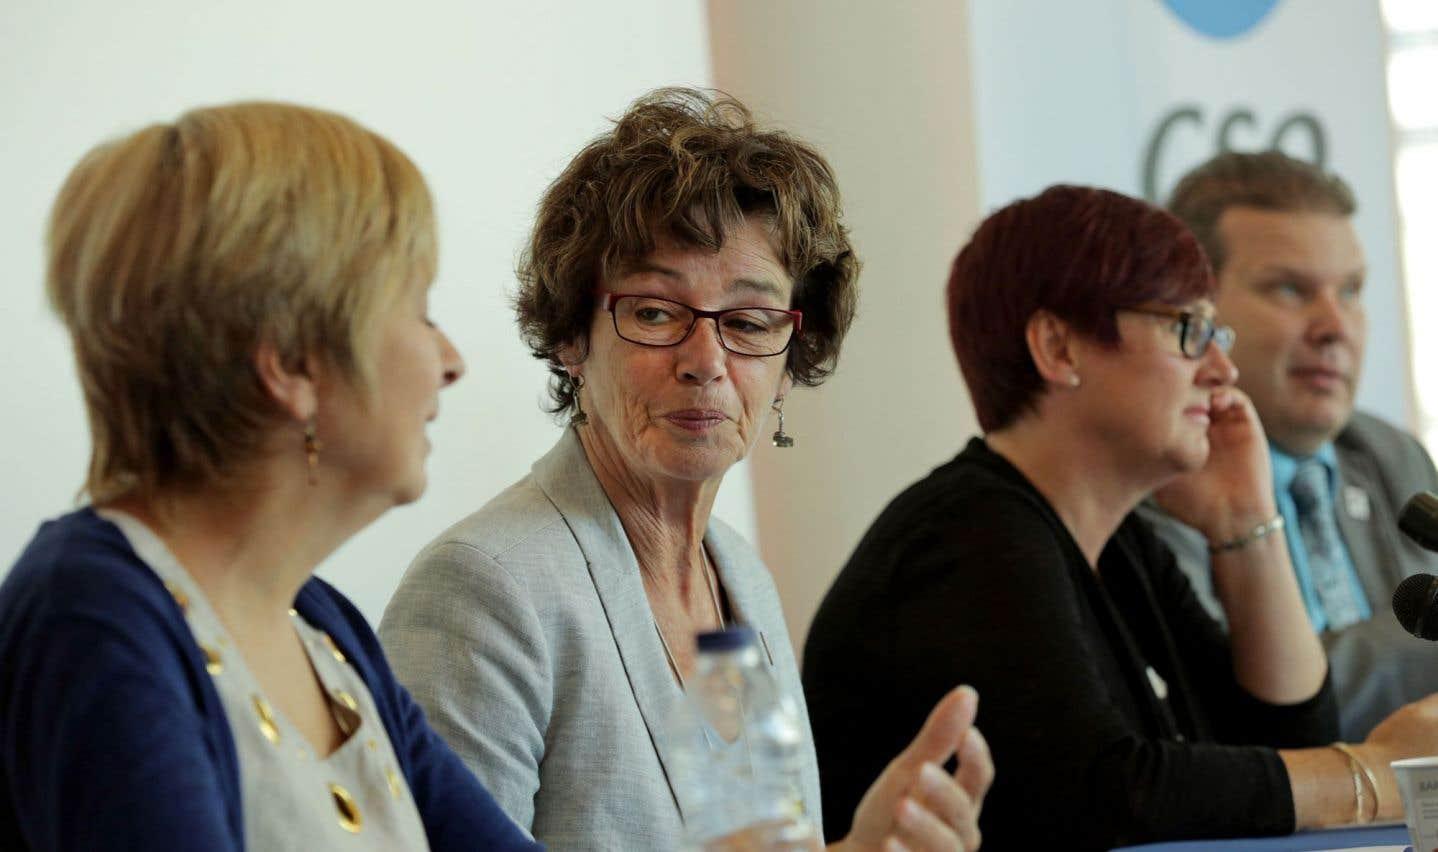 «En 2015-2016, c'est plus de 250 postes de professionnels qui ont été supprimés, dont des orthopédagogues, des psychoéducateurs, des psychologues», assure Louise Chabot, présidente de la CSQ.